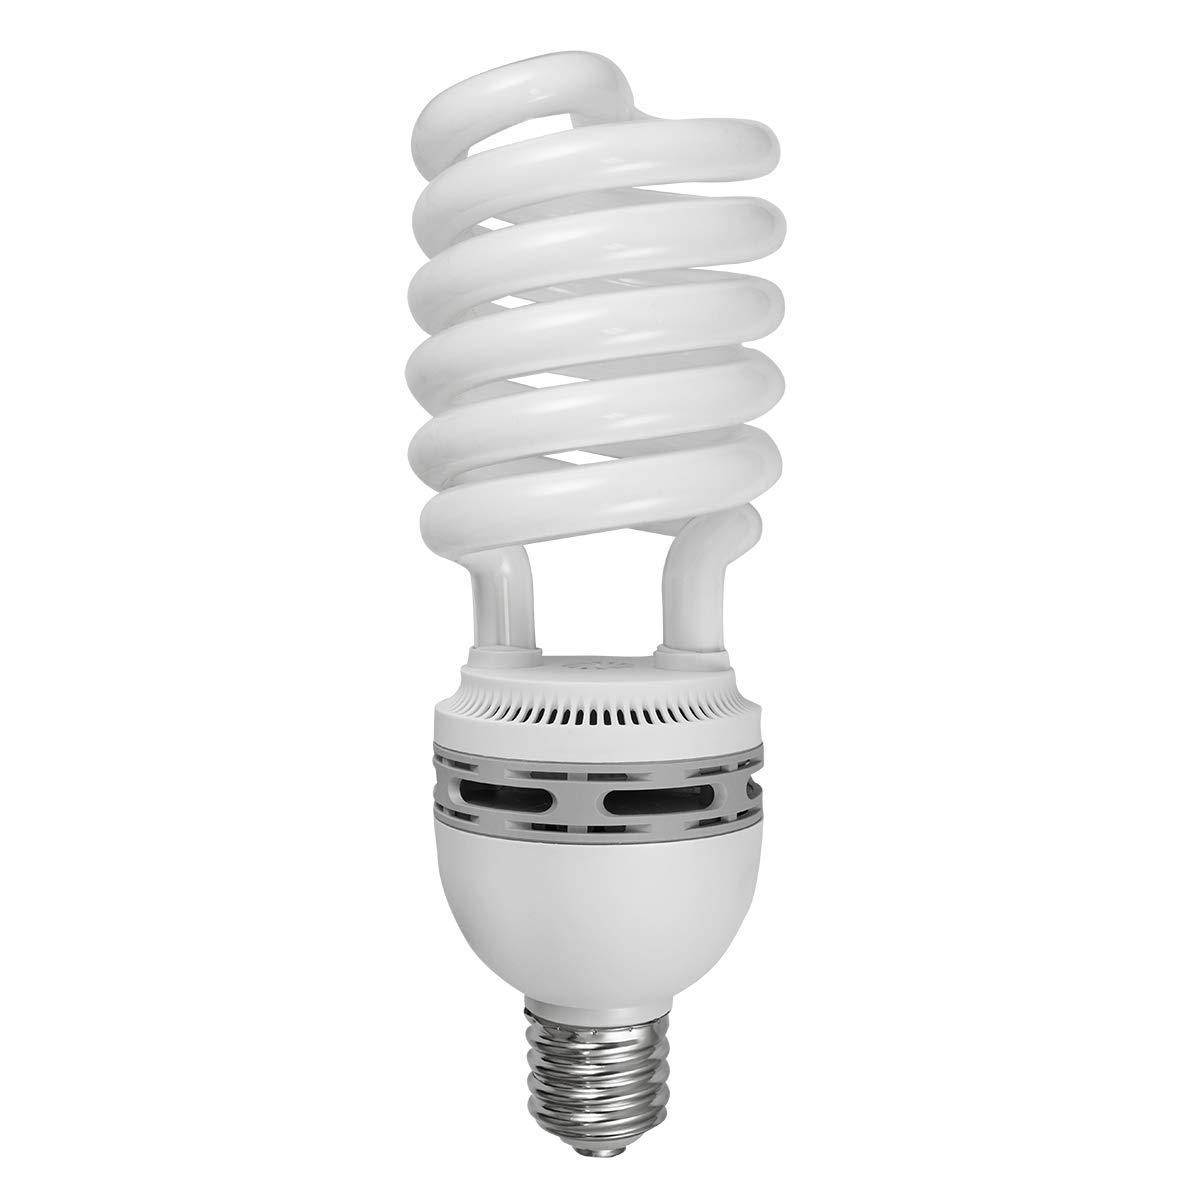 SHO-85W-277V-5K Pure-White 5000K - Volts: 277V, Watts: 85W, Type: Spiral High